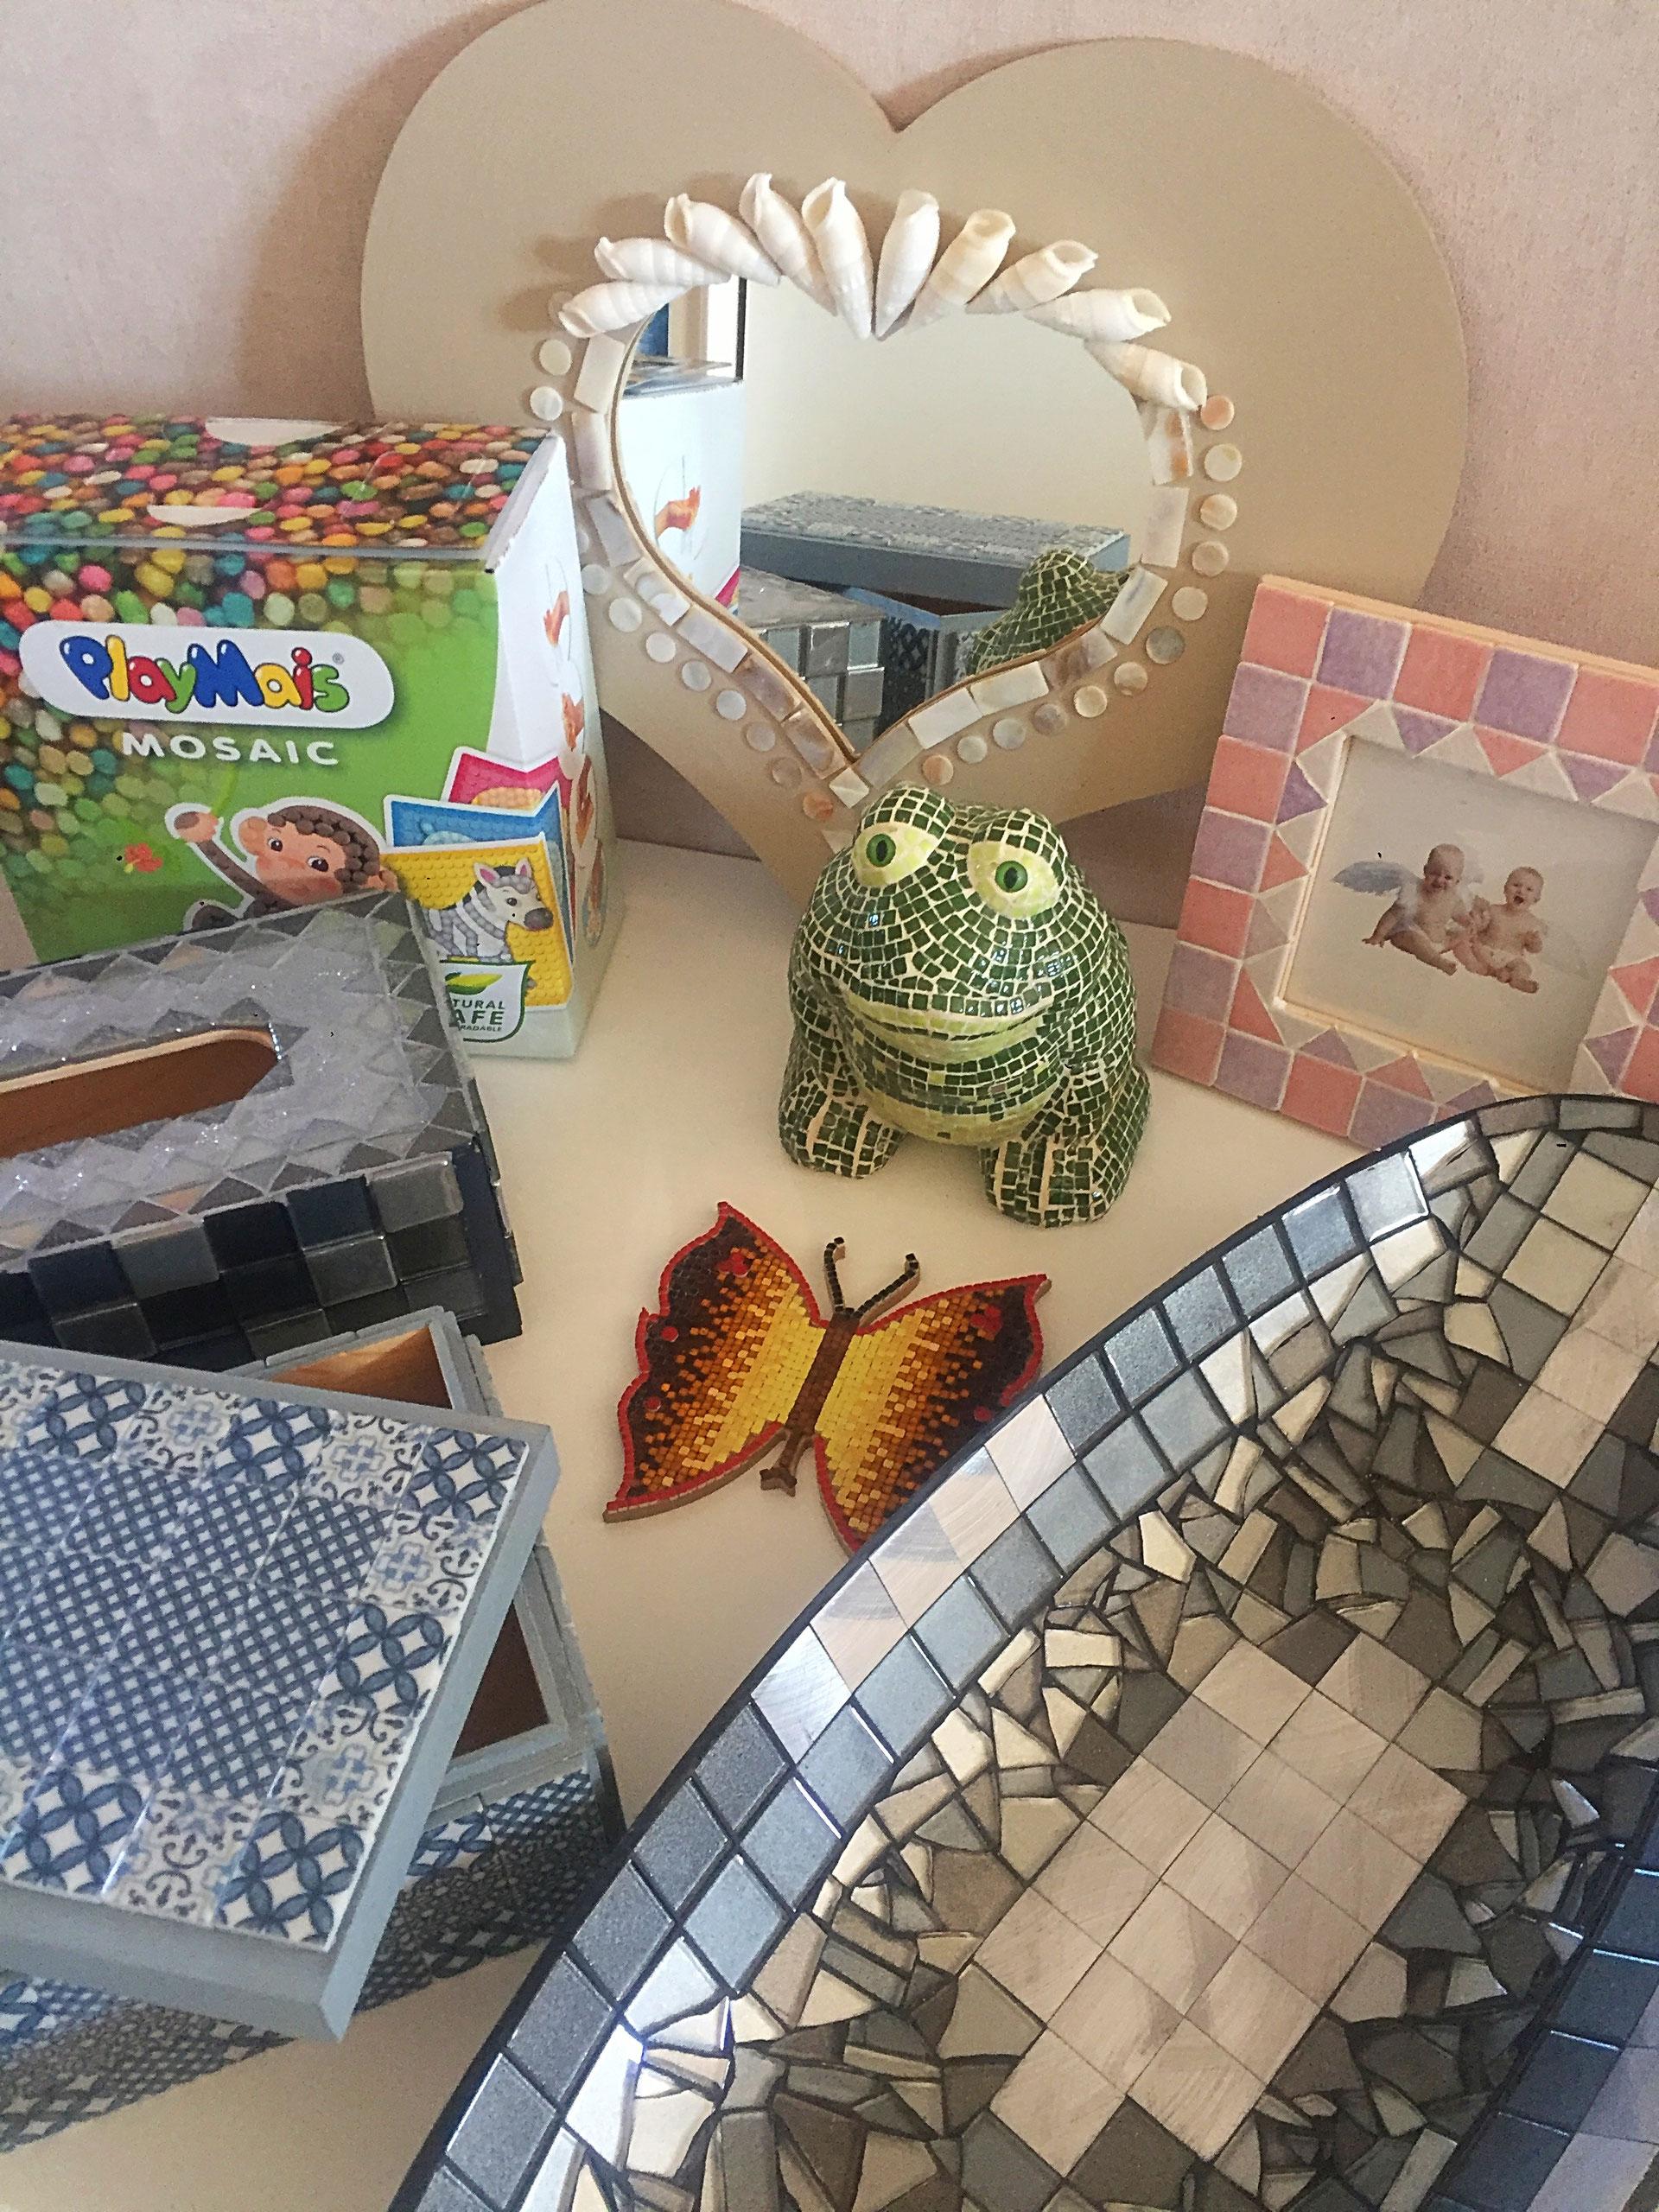 L'atelier Mosaïque - Les Fées Mains Lyon concernant Support Pour Mosaique